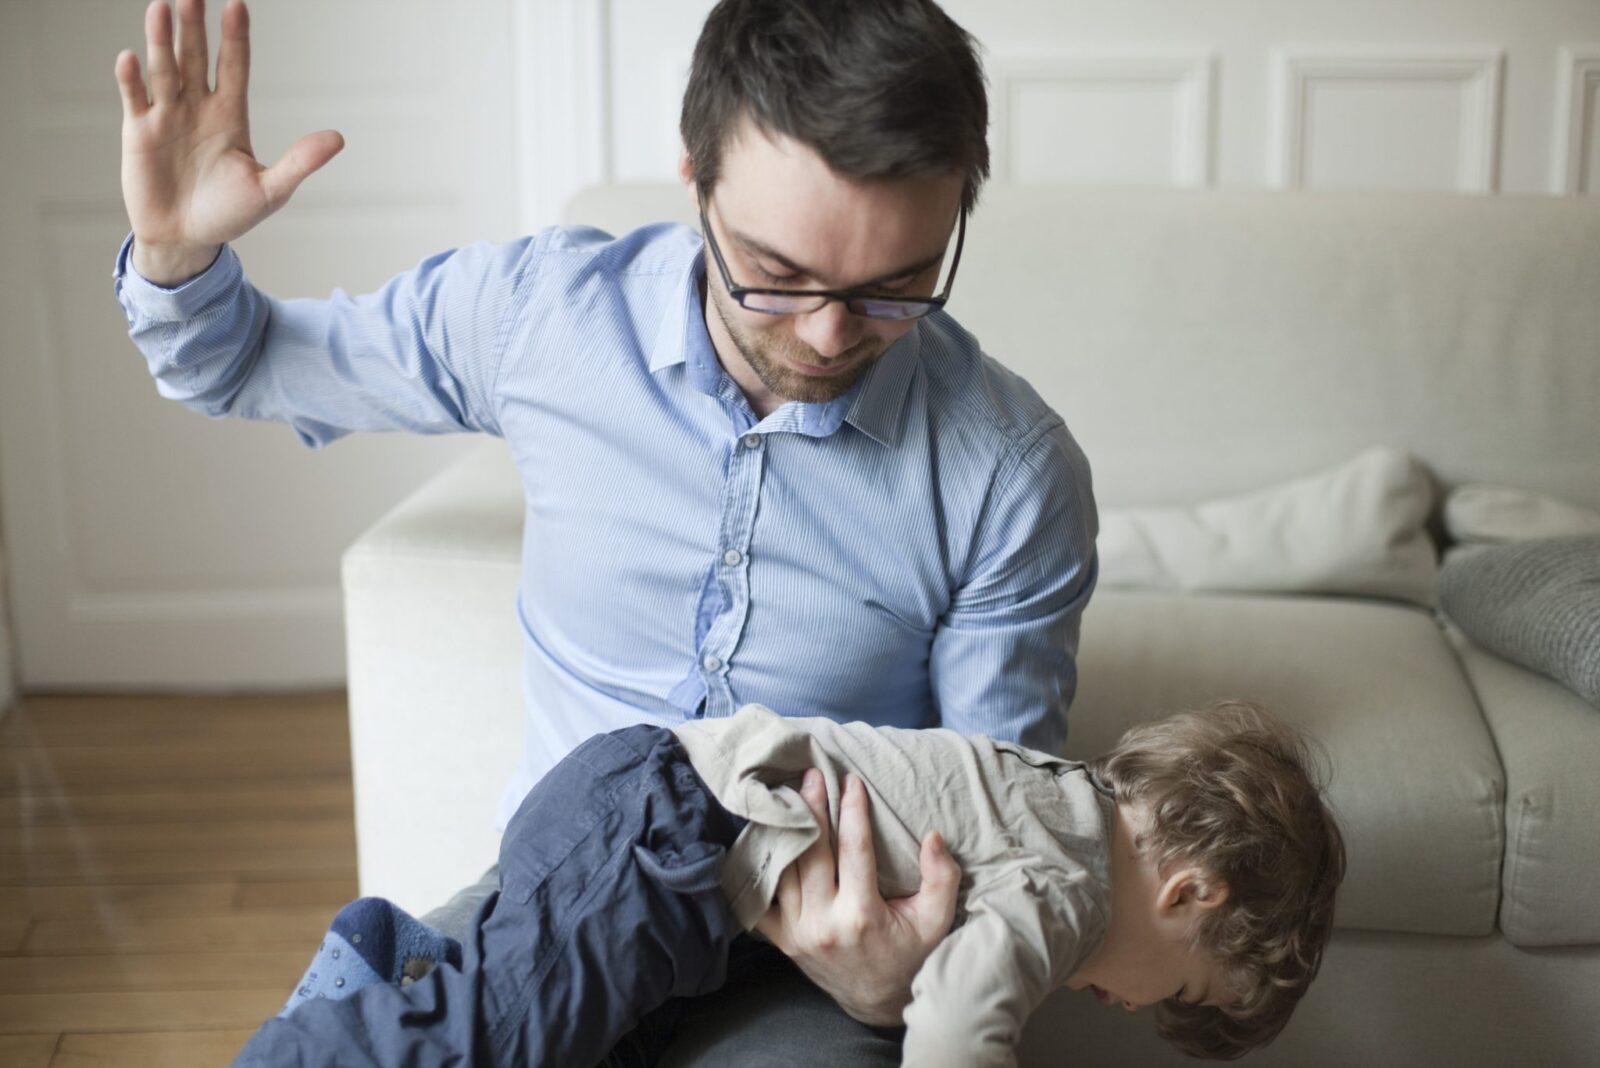 Sculacciare provoca danni a lungo termine ai bambini, la scienza non ha dubbi